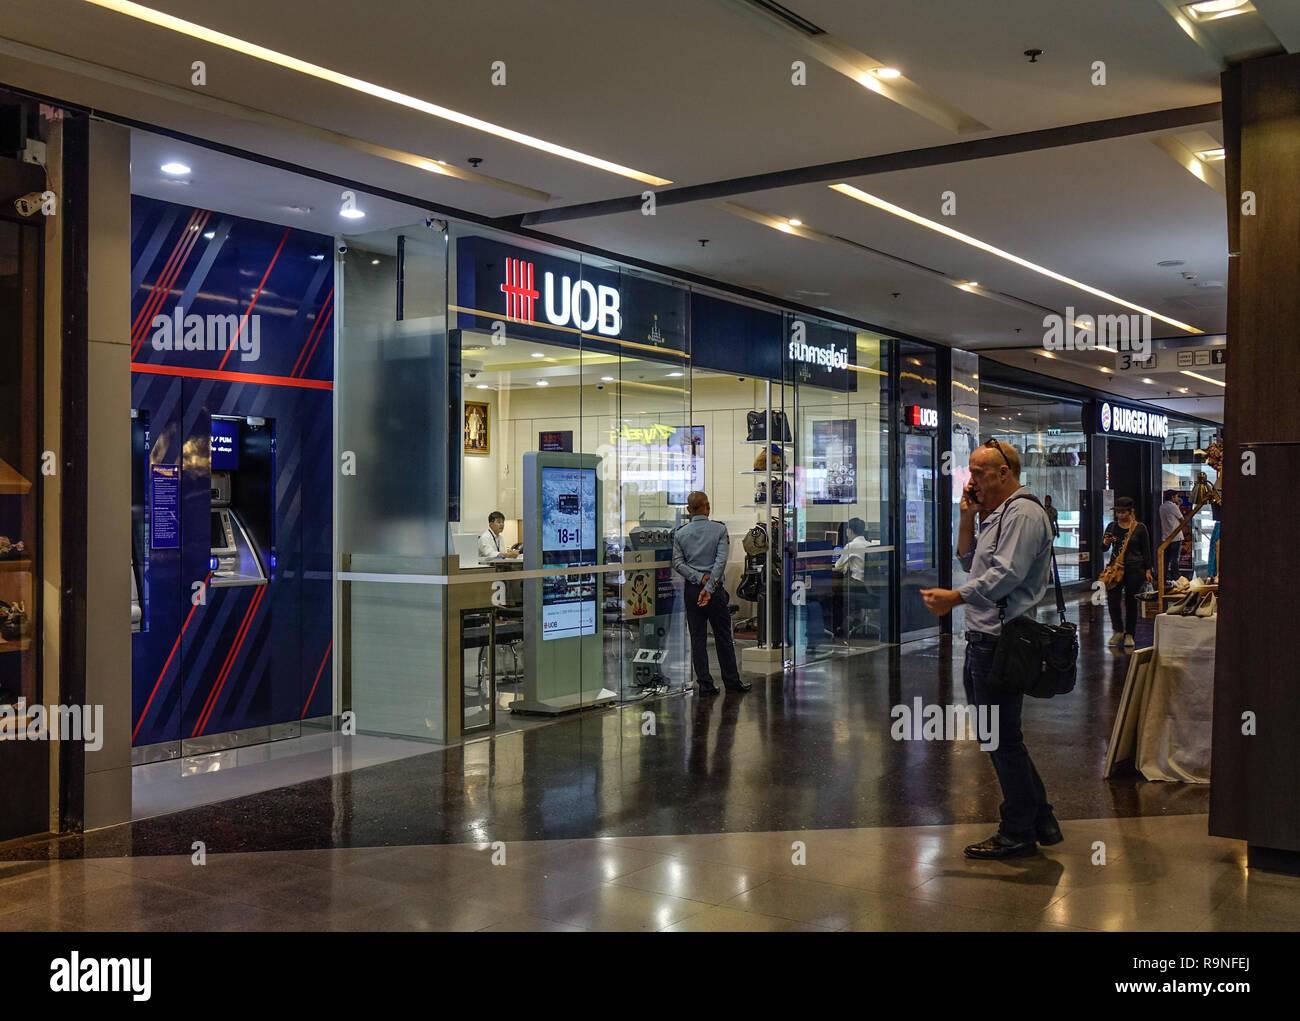 Bangkok, Thaïlande - Sep 16, 2018. Succursale de banque UOB à Bangkok, Thaïlande. Bangkok est la capitale de la Thaïlande, avec une population de plus de 7 millions d'inha Banque D'Images